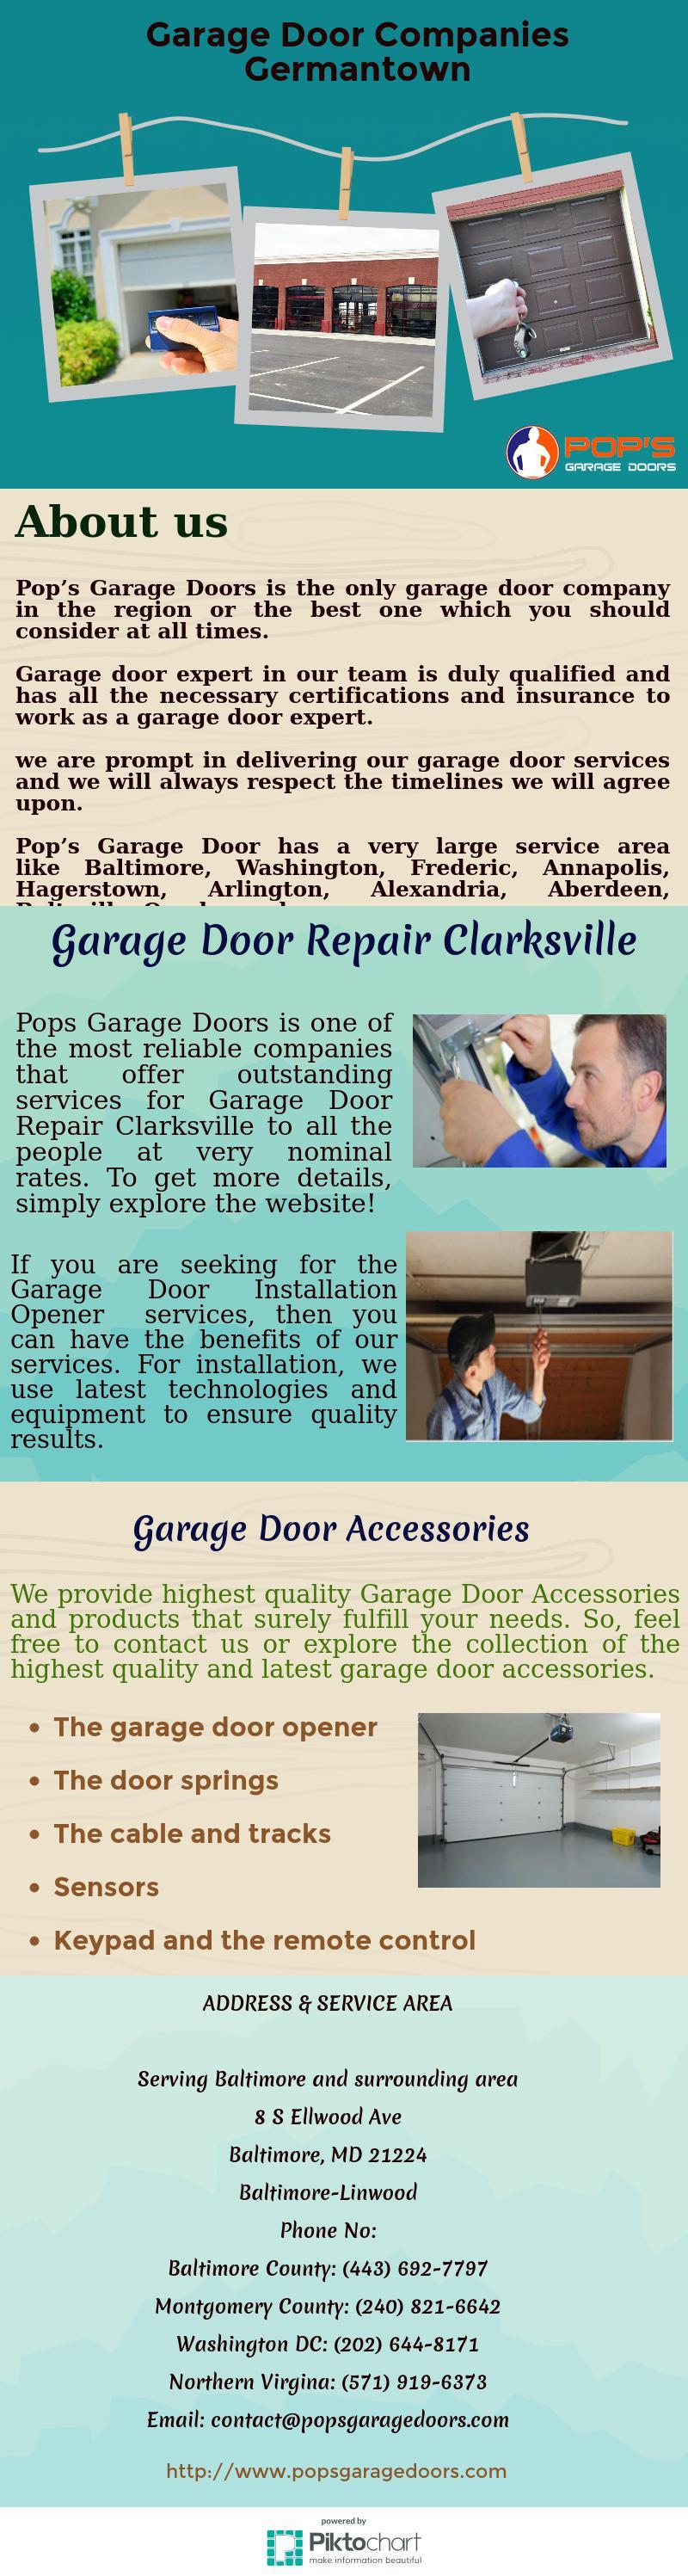 looked picked door expertise mi detroit doors best garage we companies the at top serving and